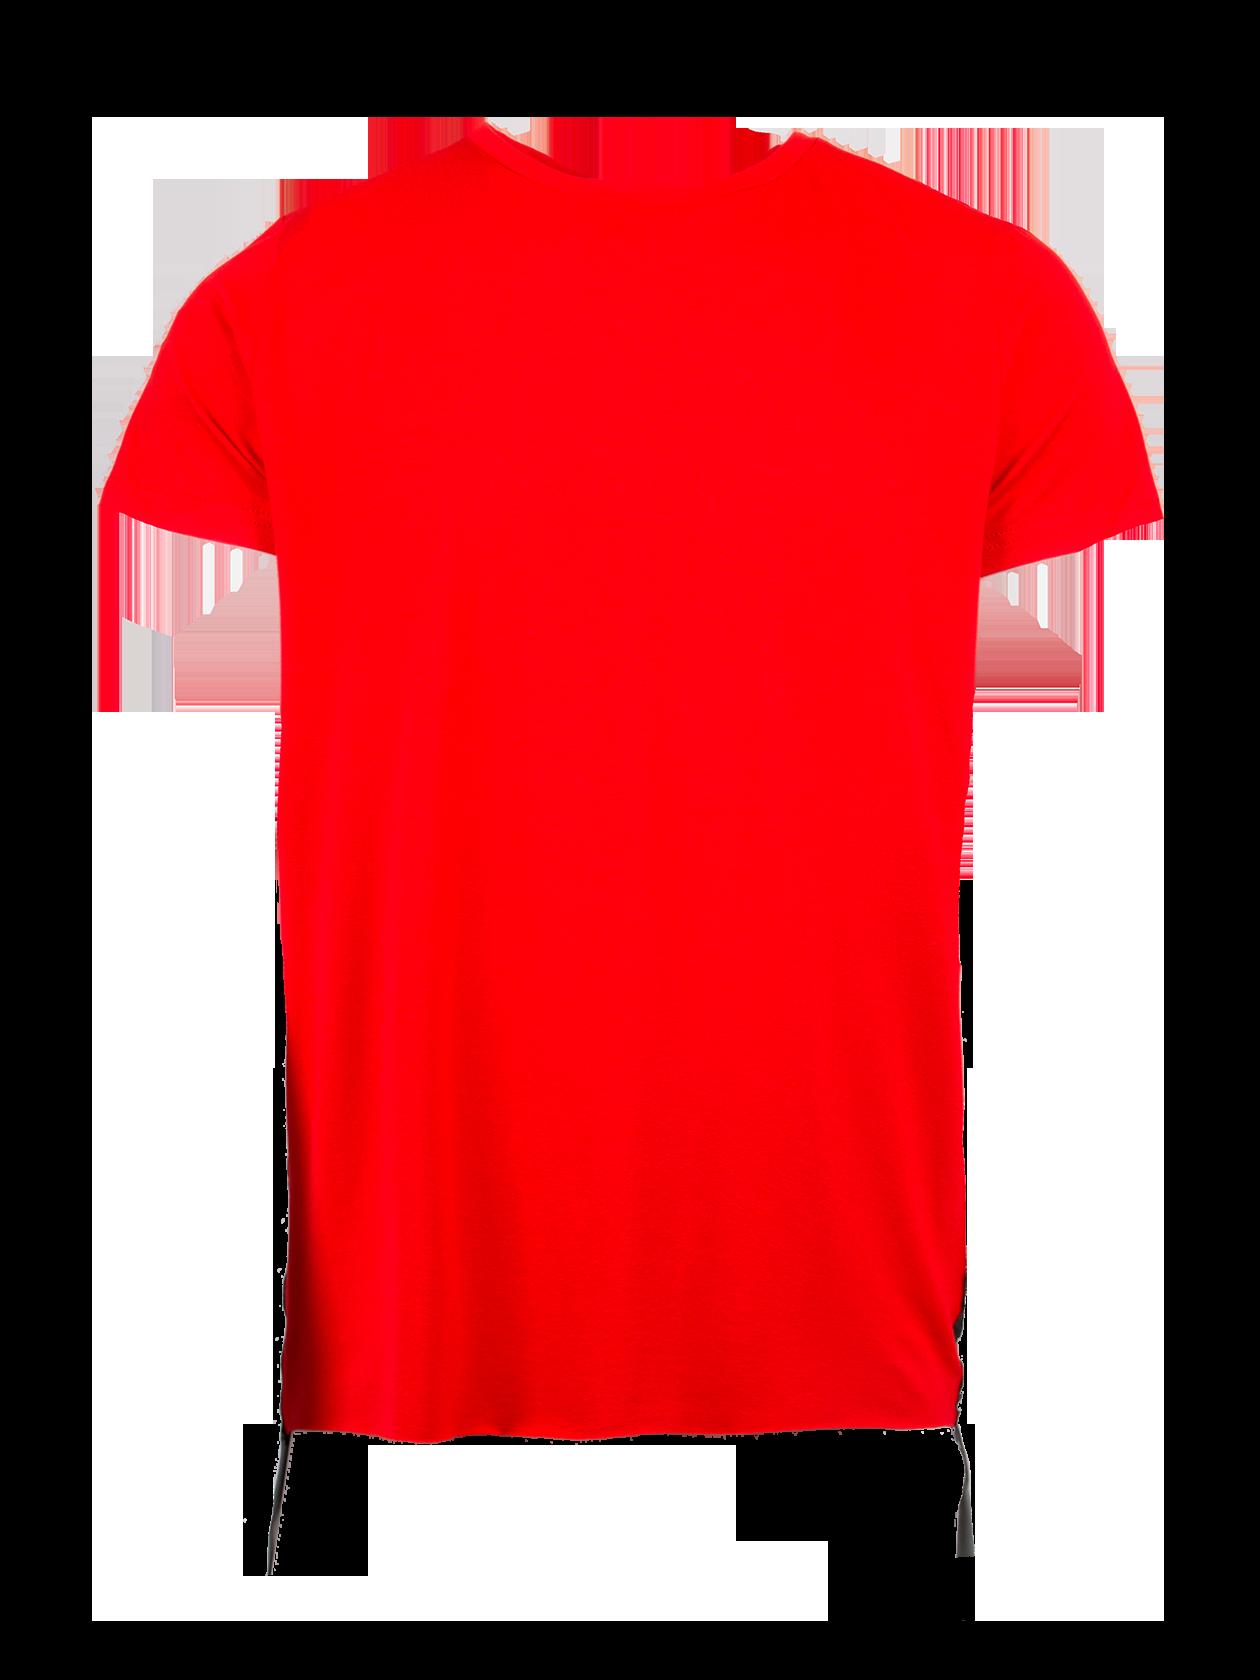 Футболка мужская ROPEСтильная футболка мужская Rope из коллекции Black Star – отличный вариант для создания индивидуального стиля на каждый день. Модель стандартного прямого свободного фасона с небольшим удлинением. Круглый вырез горловины, внутри по спинке оформлен жаккардовый лейбл Black Star Wear. На спине по центру черная полоска, по бокам снизу декоративные нашивки. Футболка представлена в однотонной коричневой расцветке, актуальной в любом сезоне. Материал пошива – натуральный хлопок премиального качества.<br><br>Размер: XS<br>Цвет: Красный<br>Пол: Мужской